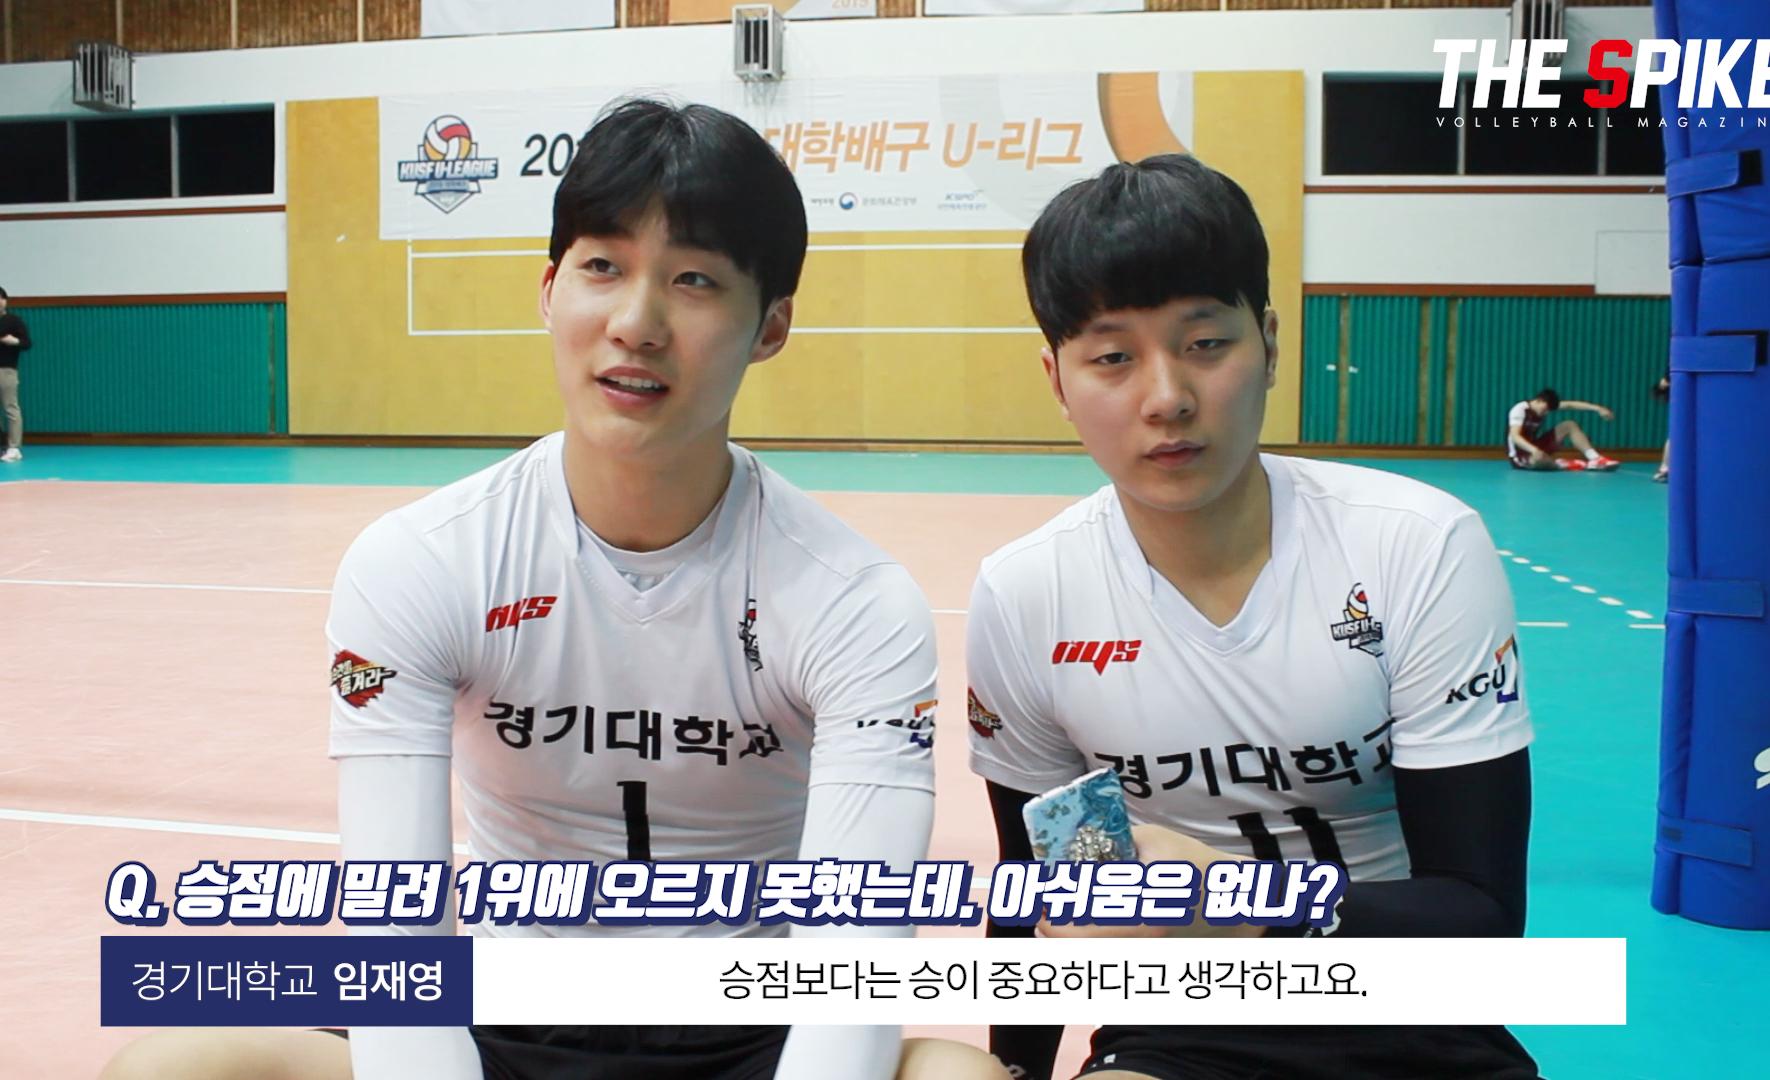 """[SpikeTV] '환상의 콤비' 경기대 임재영-박지훈 """"우승 해야죠"""""""